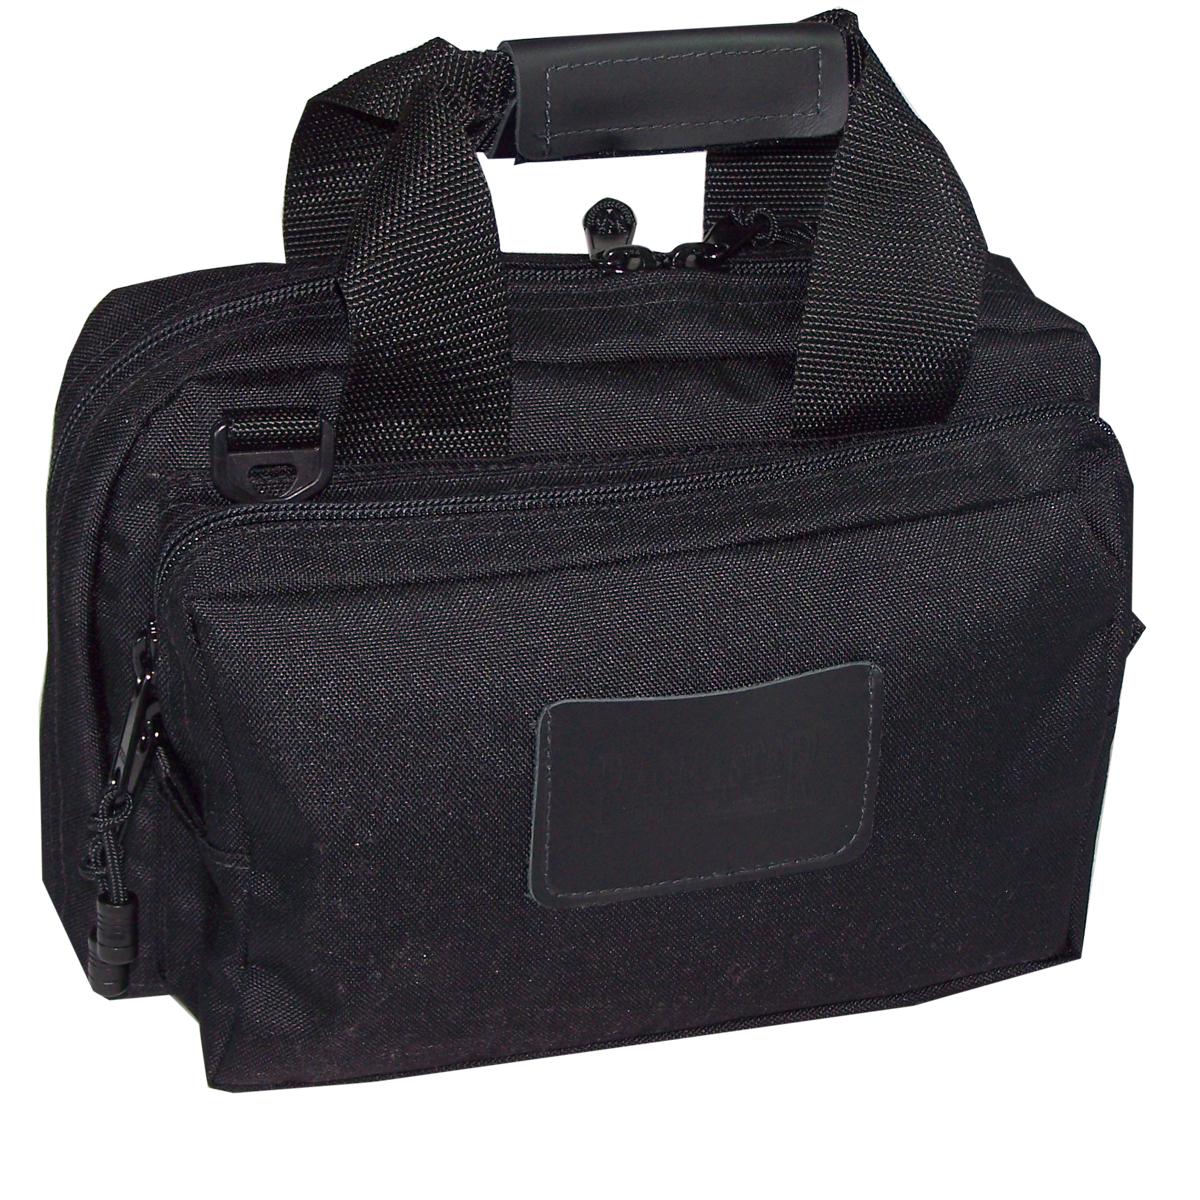 mini range bag deluxe black. Black Bedroom Furniture Sets. Home Design Ideas